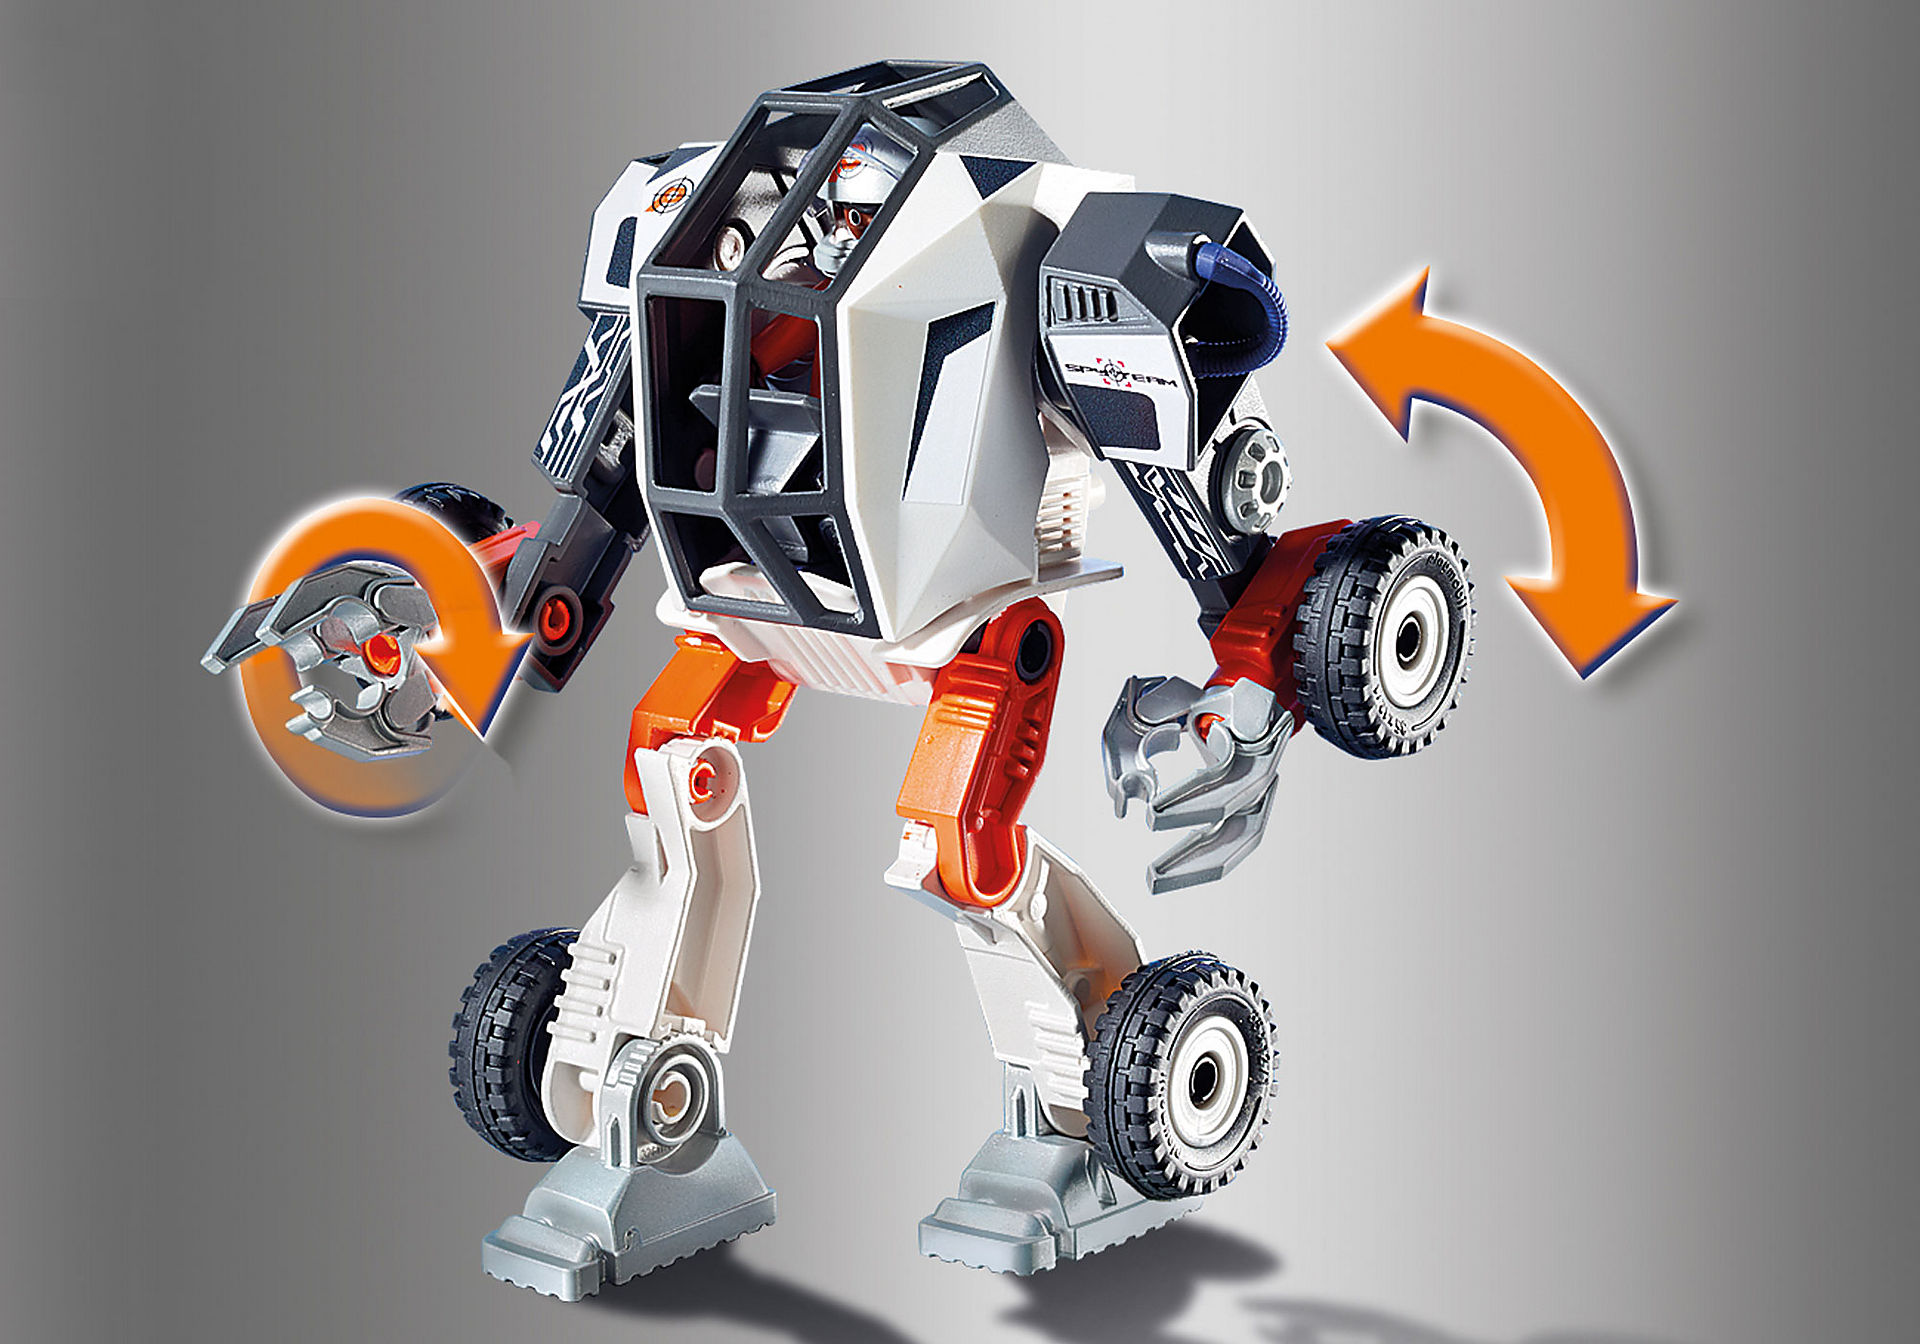 http://media.playmobil.com/i/playmobil/9251_product_extra2/Agent T.E.C.s' Robot